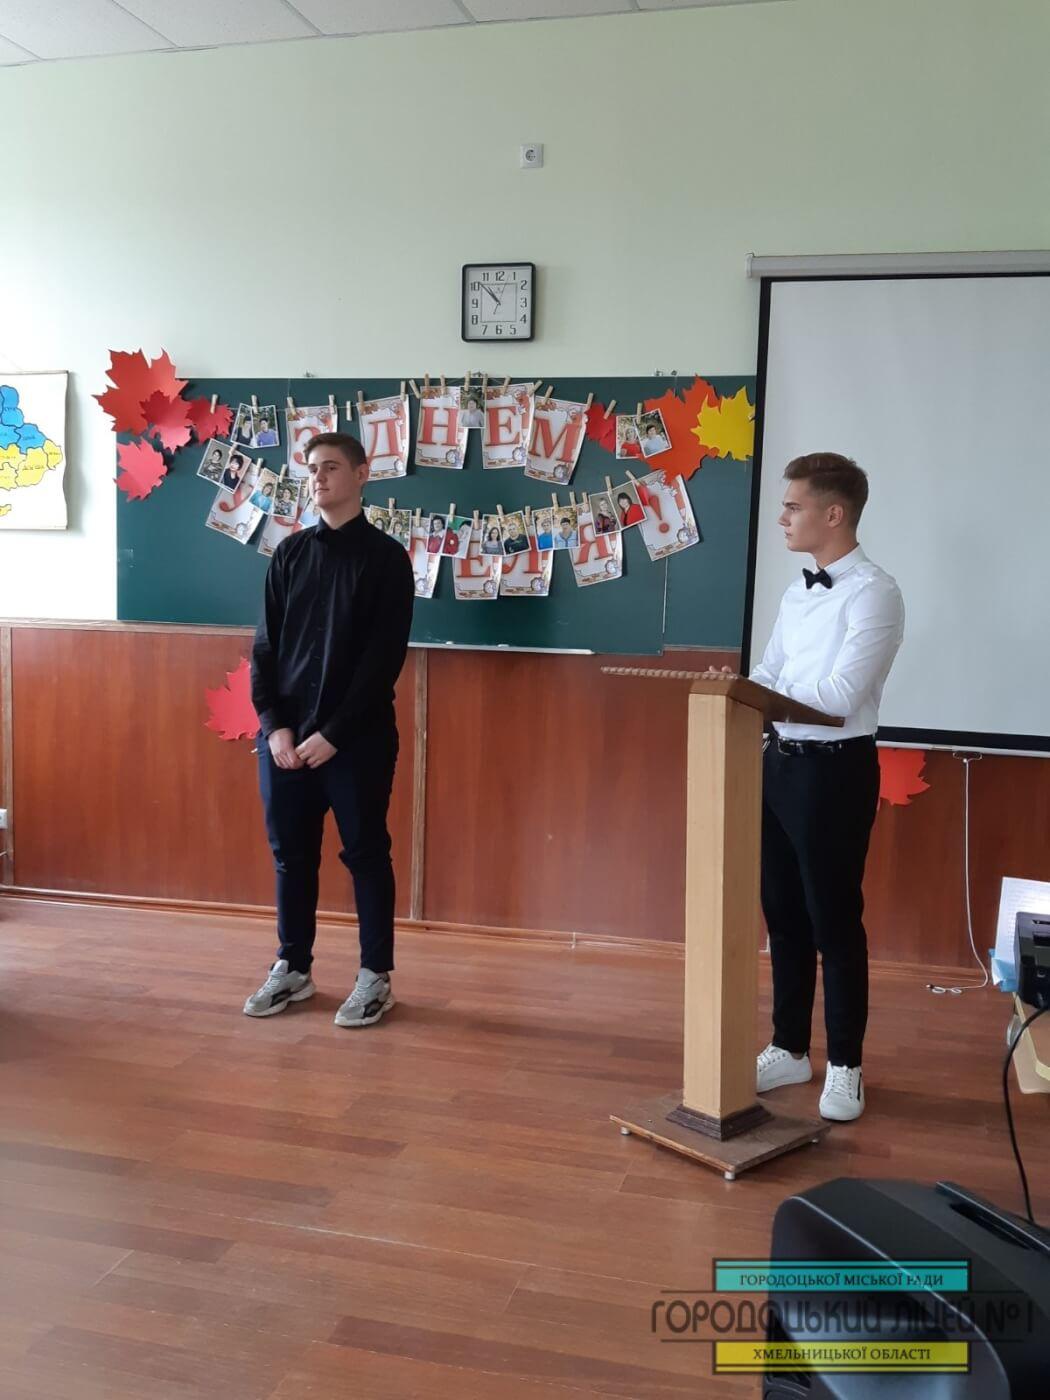 zobrazhennya viber 2019 10 04 16 53 14 - Учитель - не просто професія, це покликання...